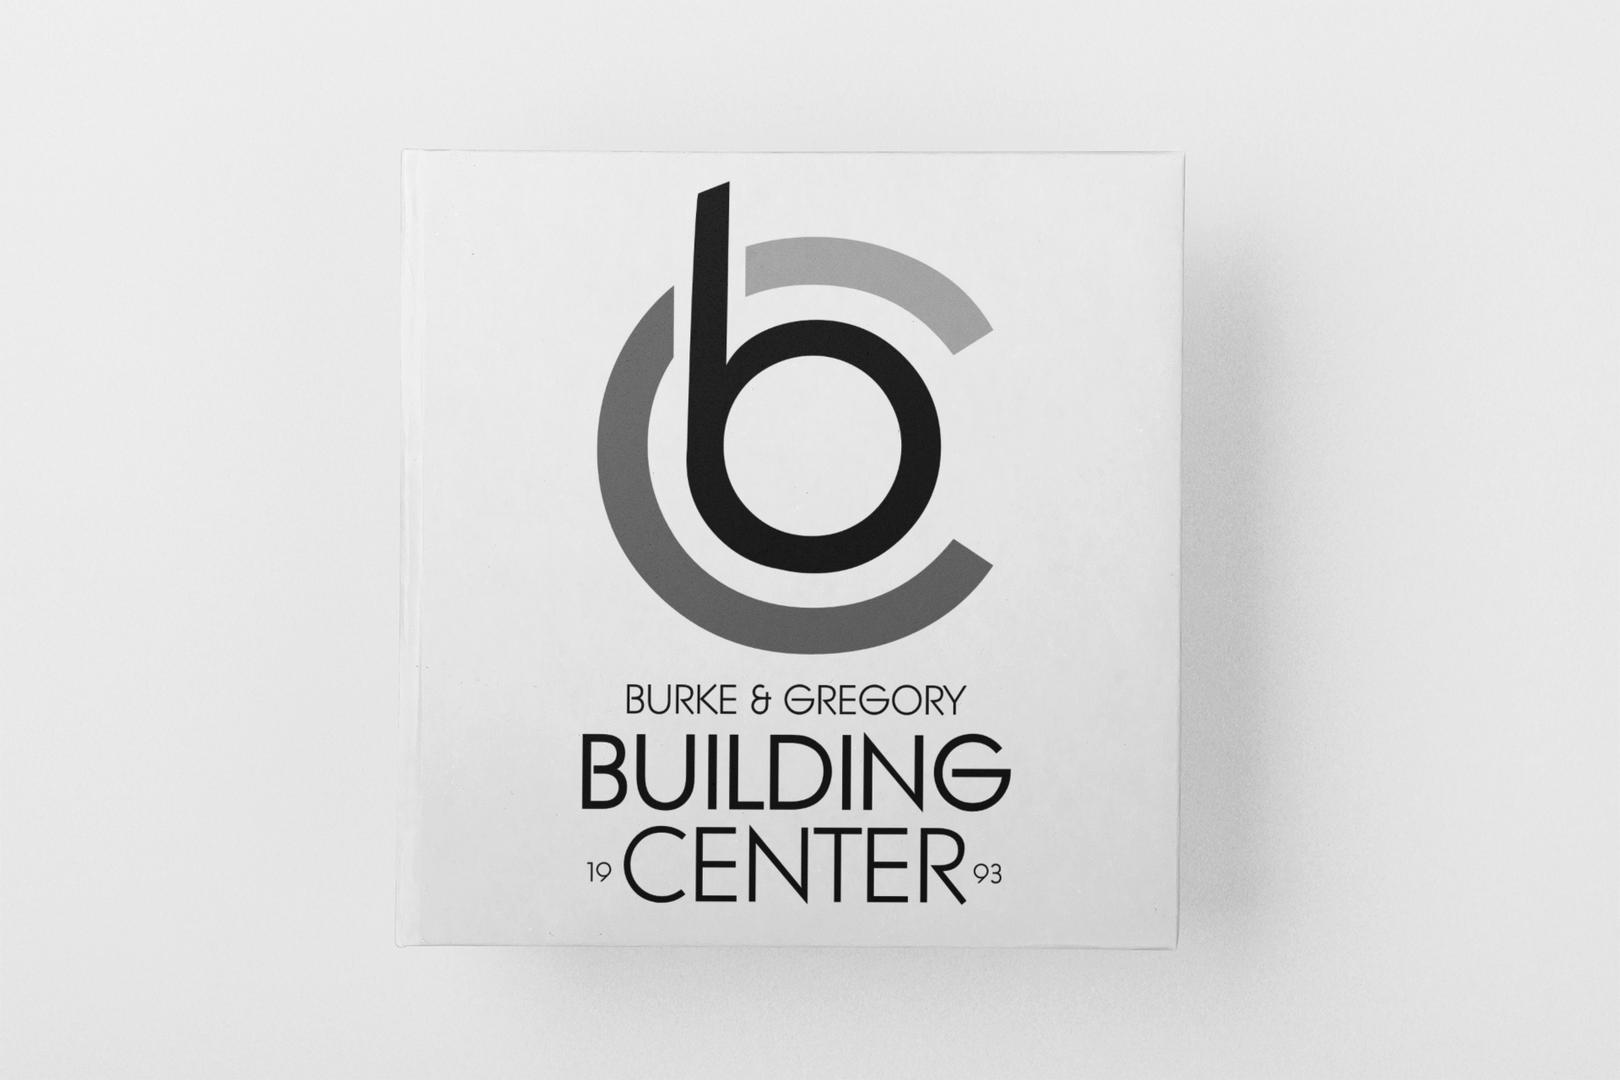 Burke & Gregory Building Center